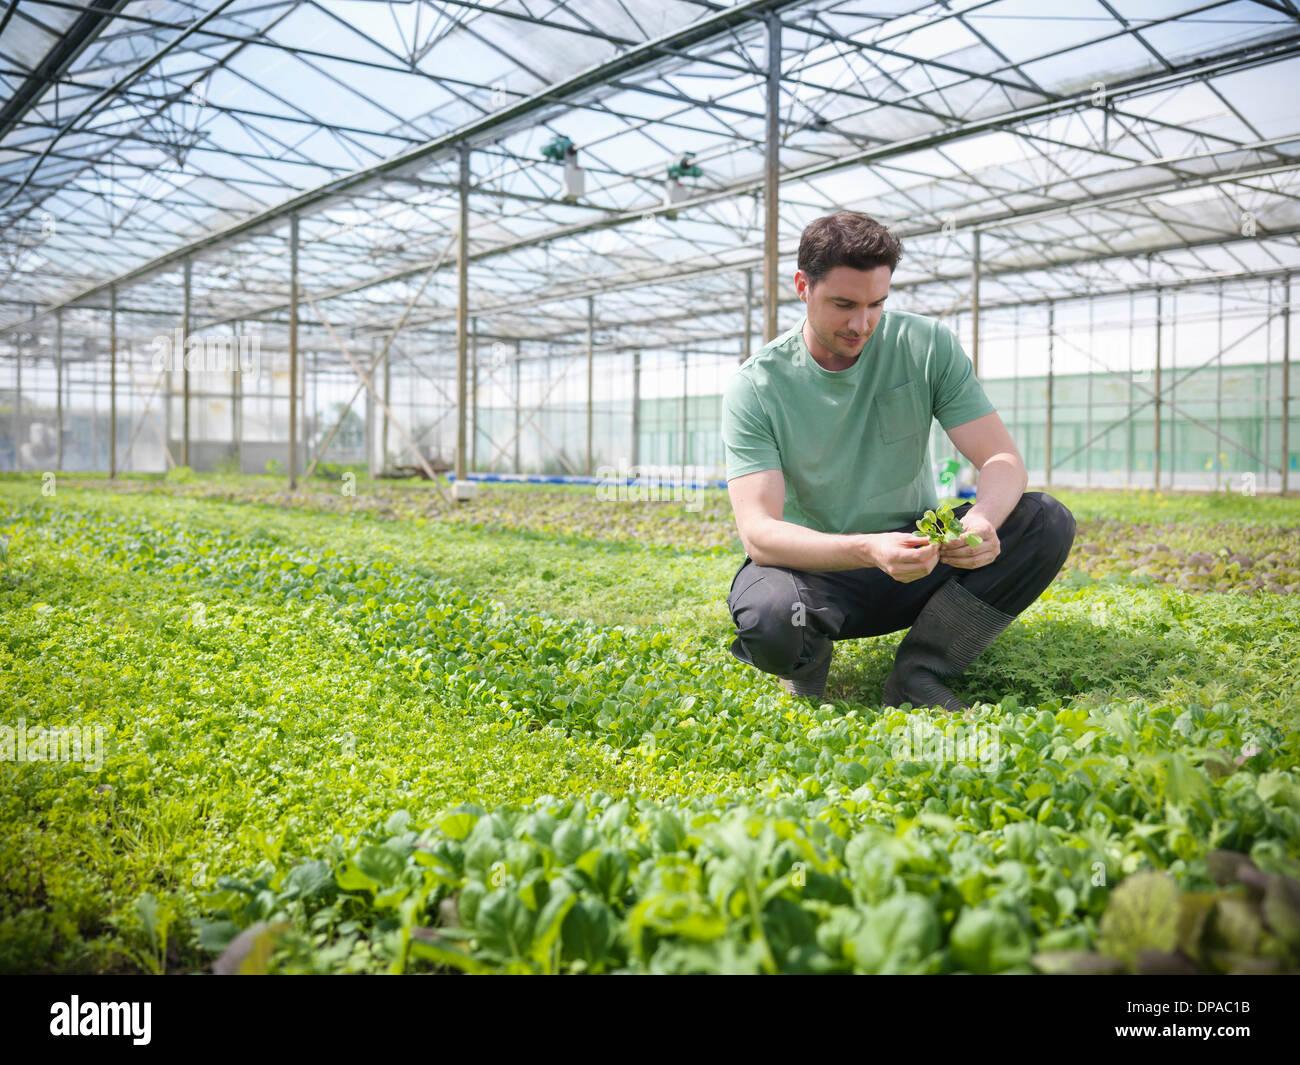 Man checking salad crop - Stock Image